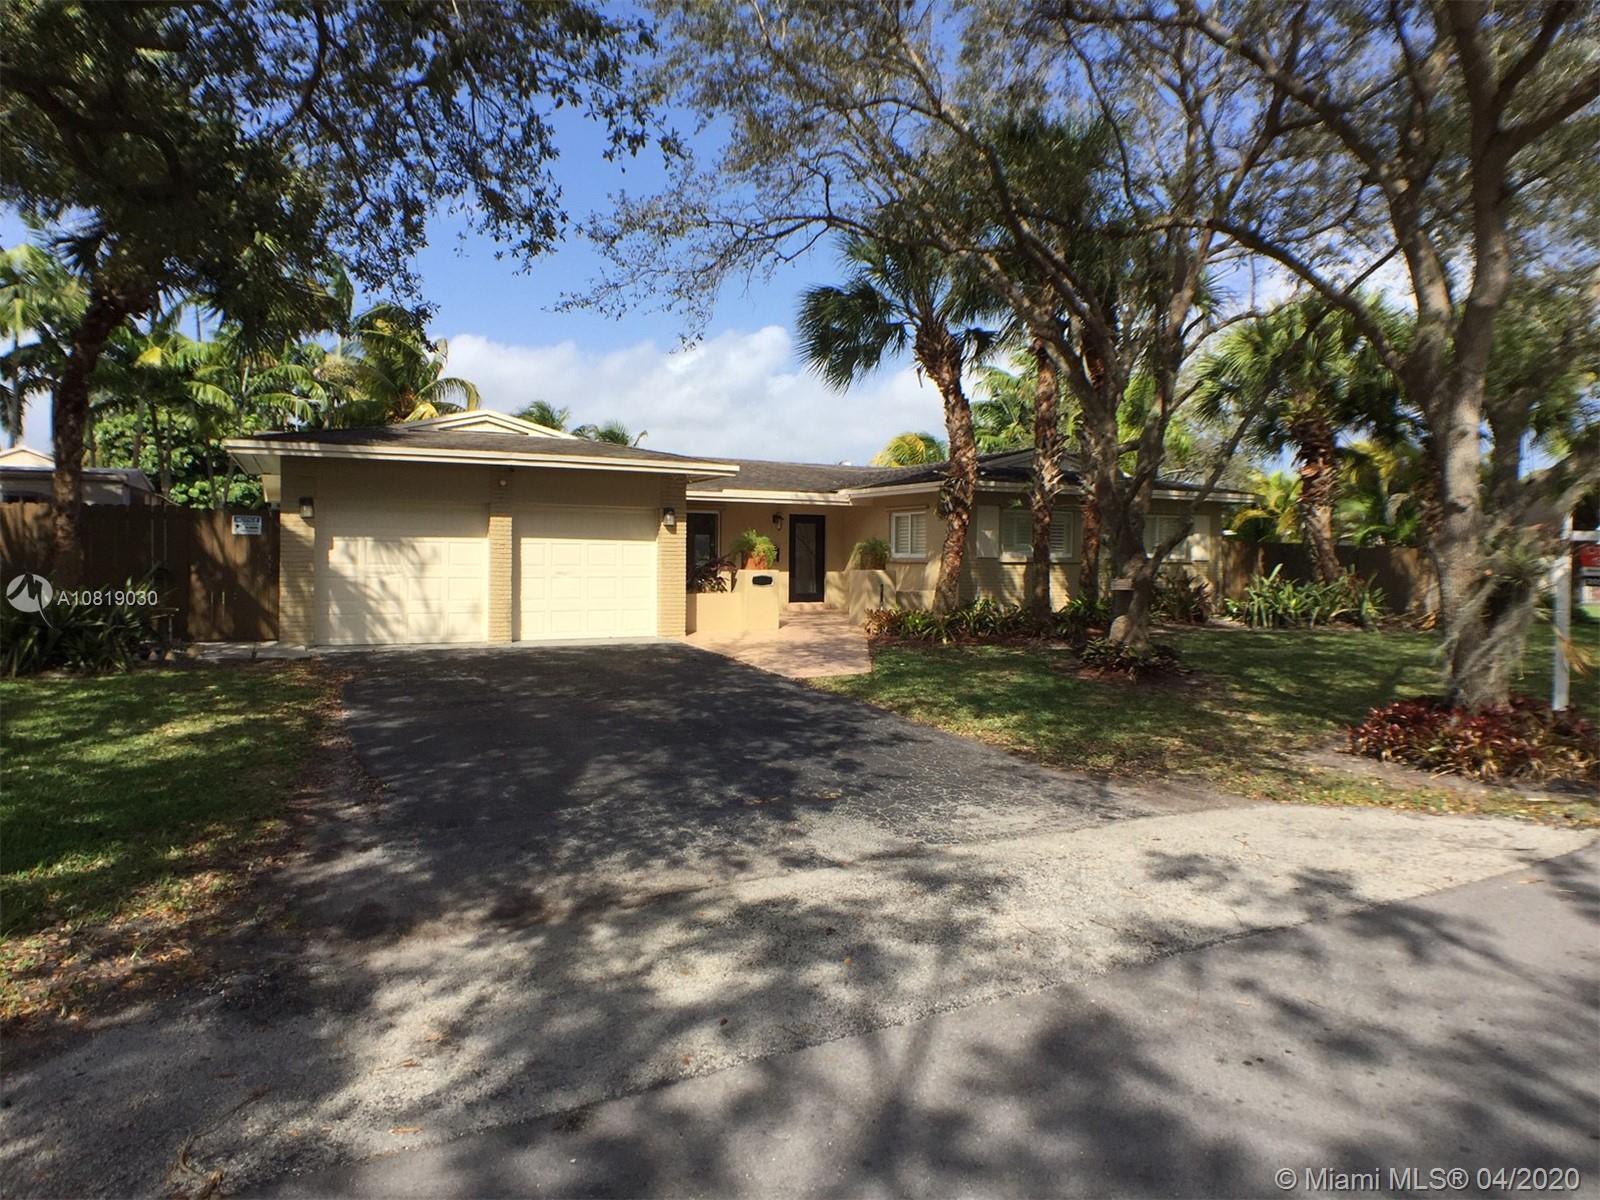 11105 SW 119th St, Miami, FL 33176 - Miami, FL real estate listing